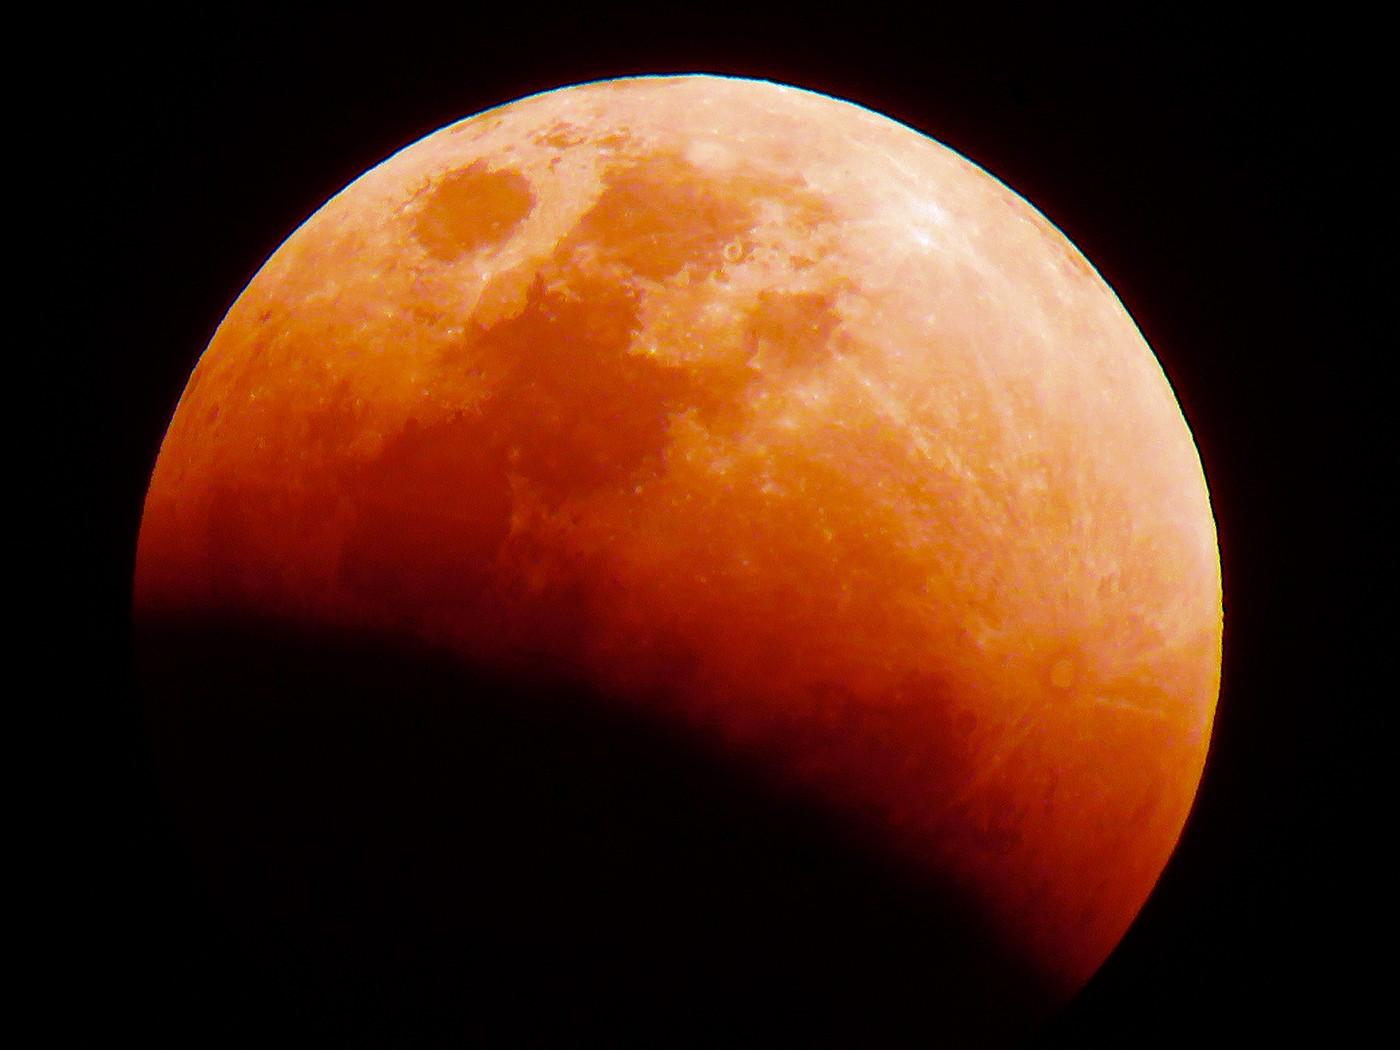 'Superlua de sangue' ficará visível no fim de maio; entenda o fenômeno